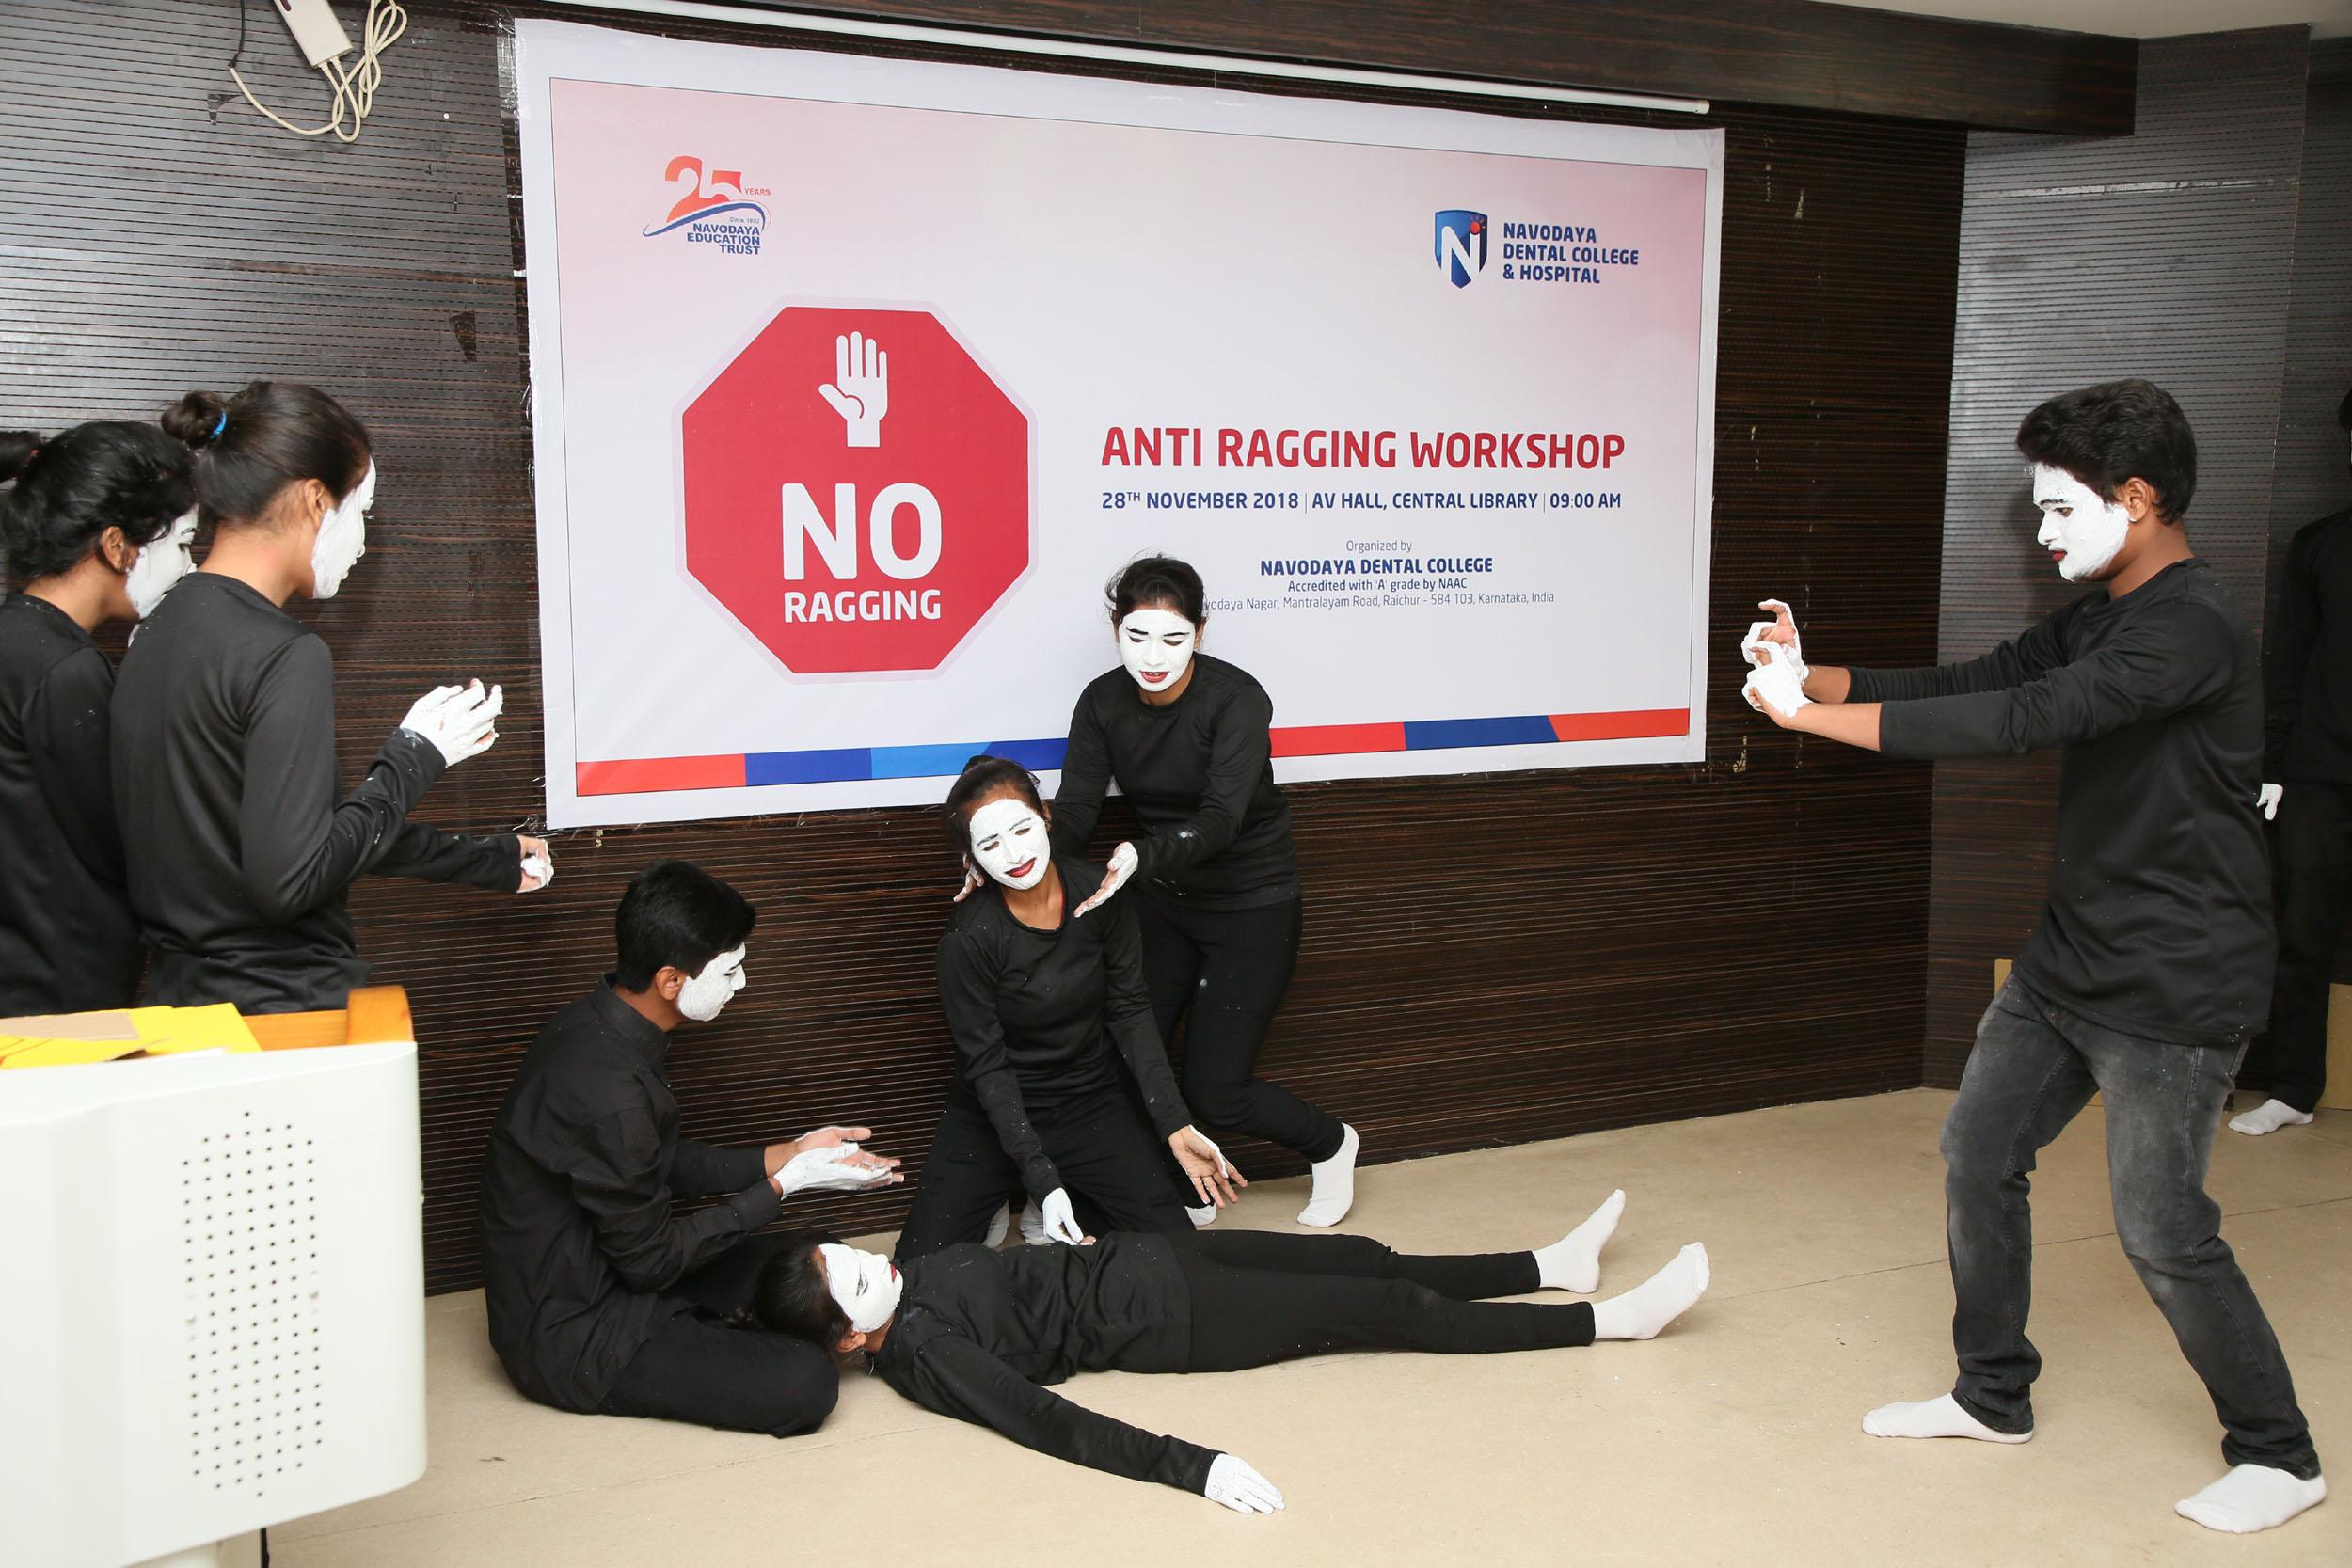 Anti-Ragging Workshop(Navodaya Dental College)